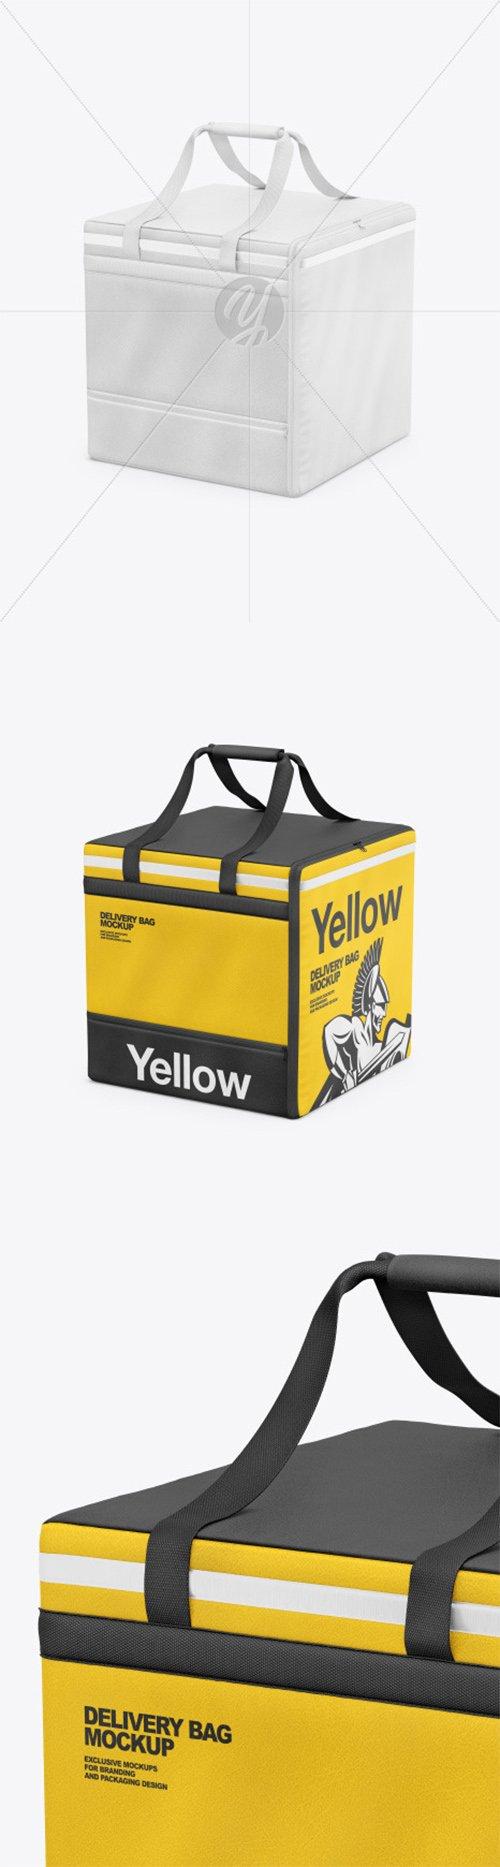 Leatherette Delivery Bag Mockup 66513 TIF